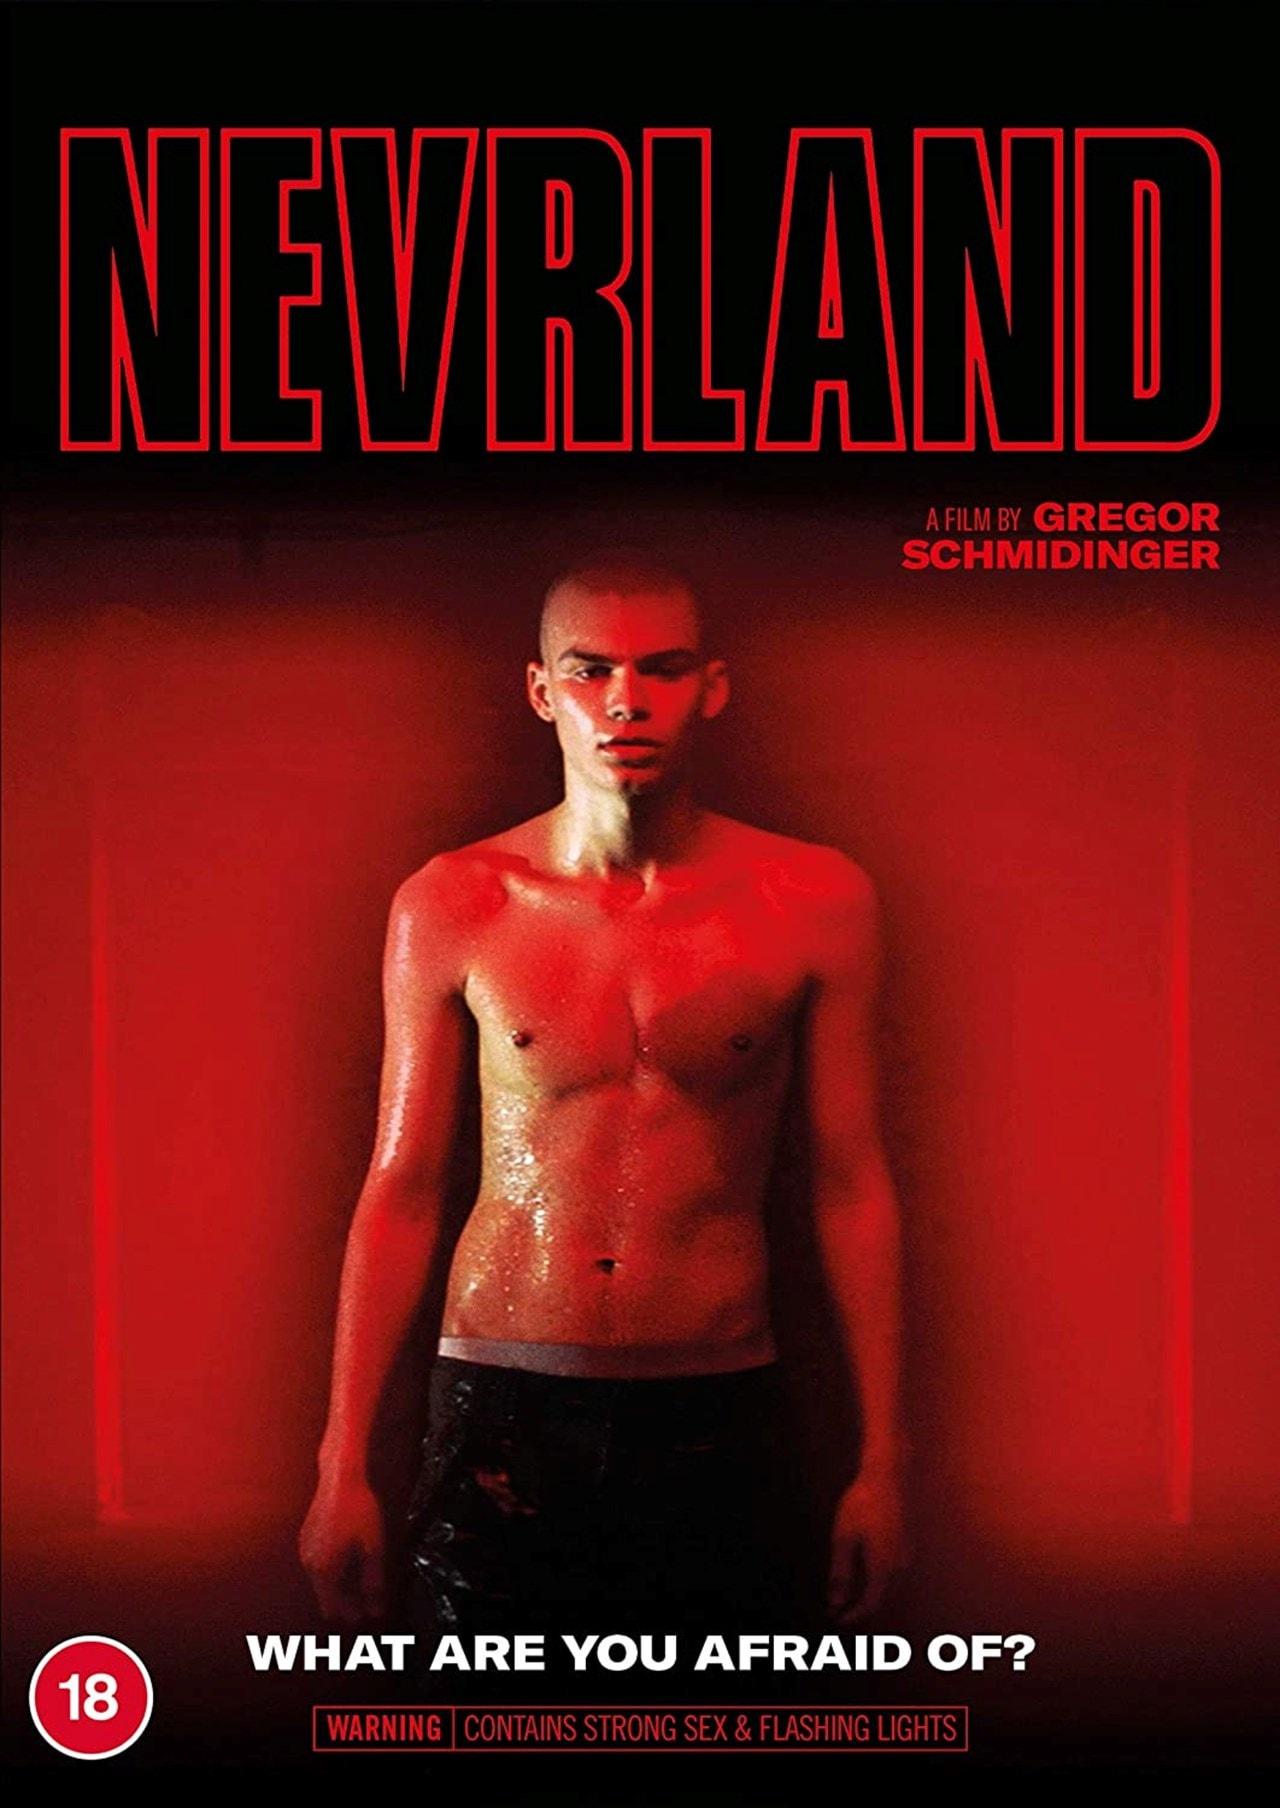 Nevrland - 1